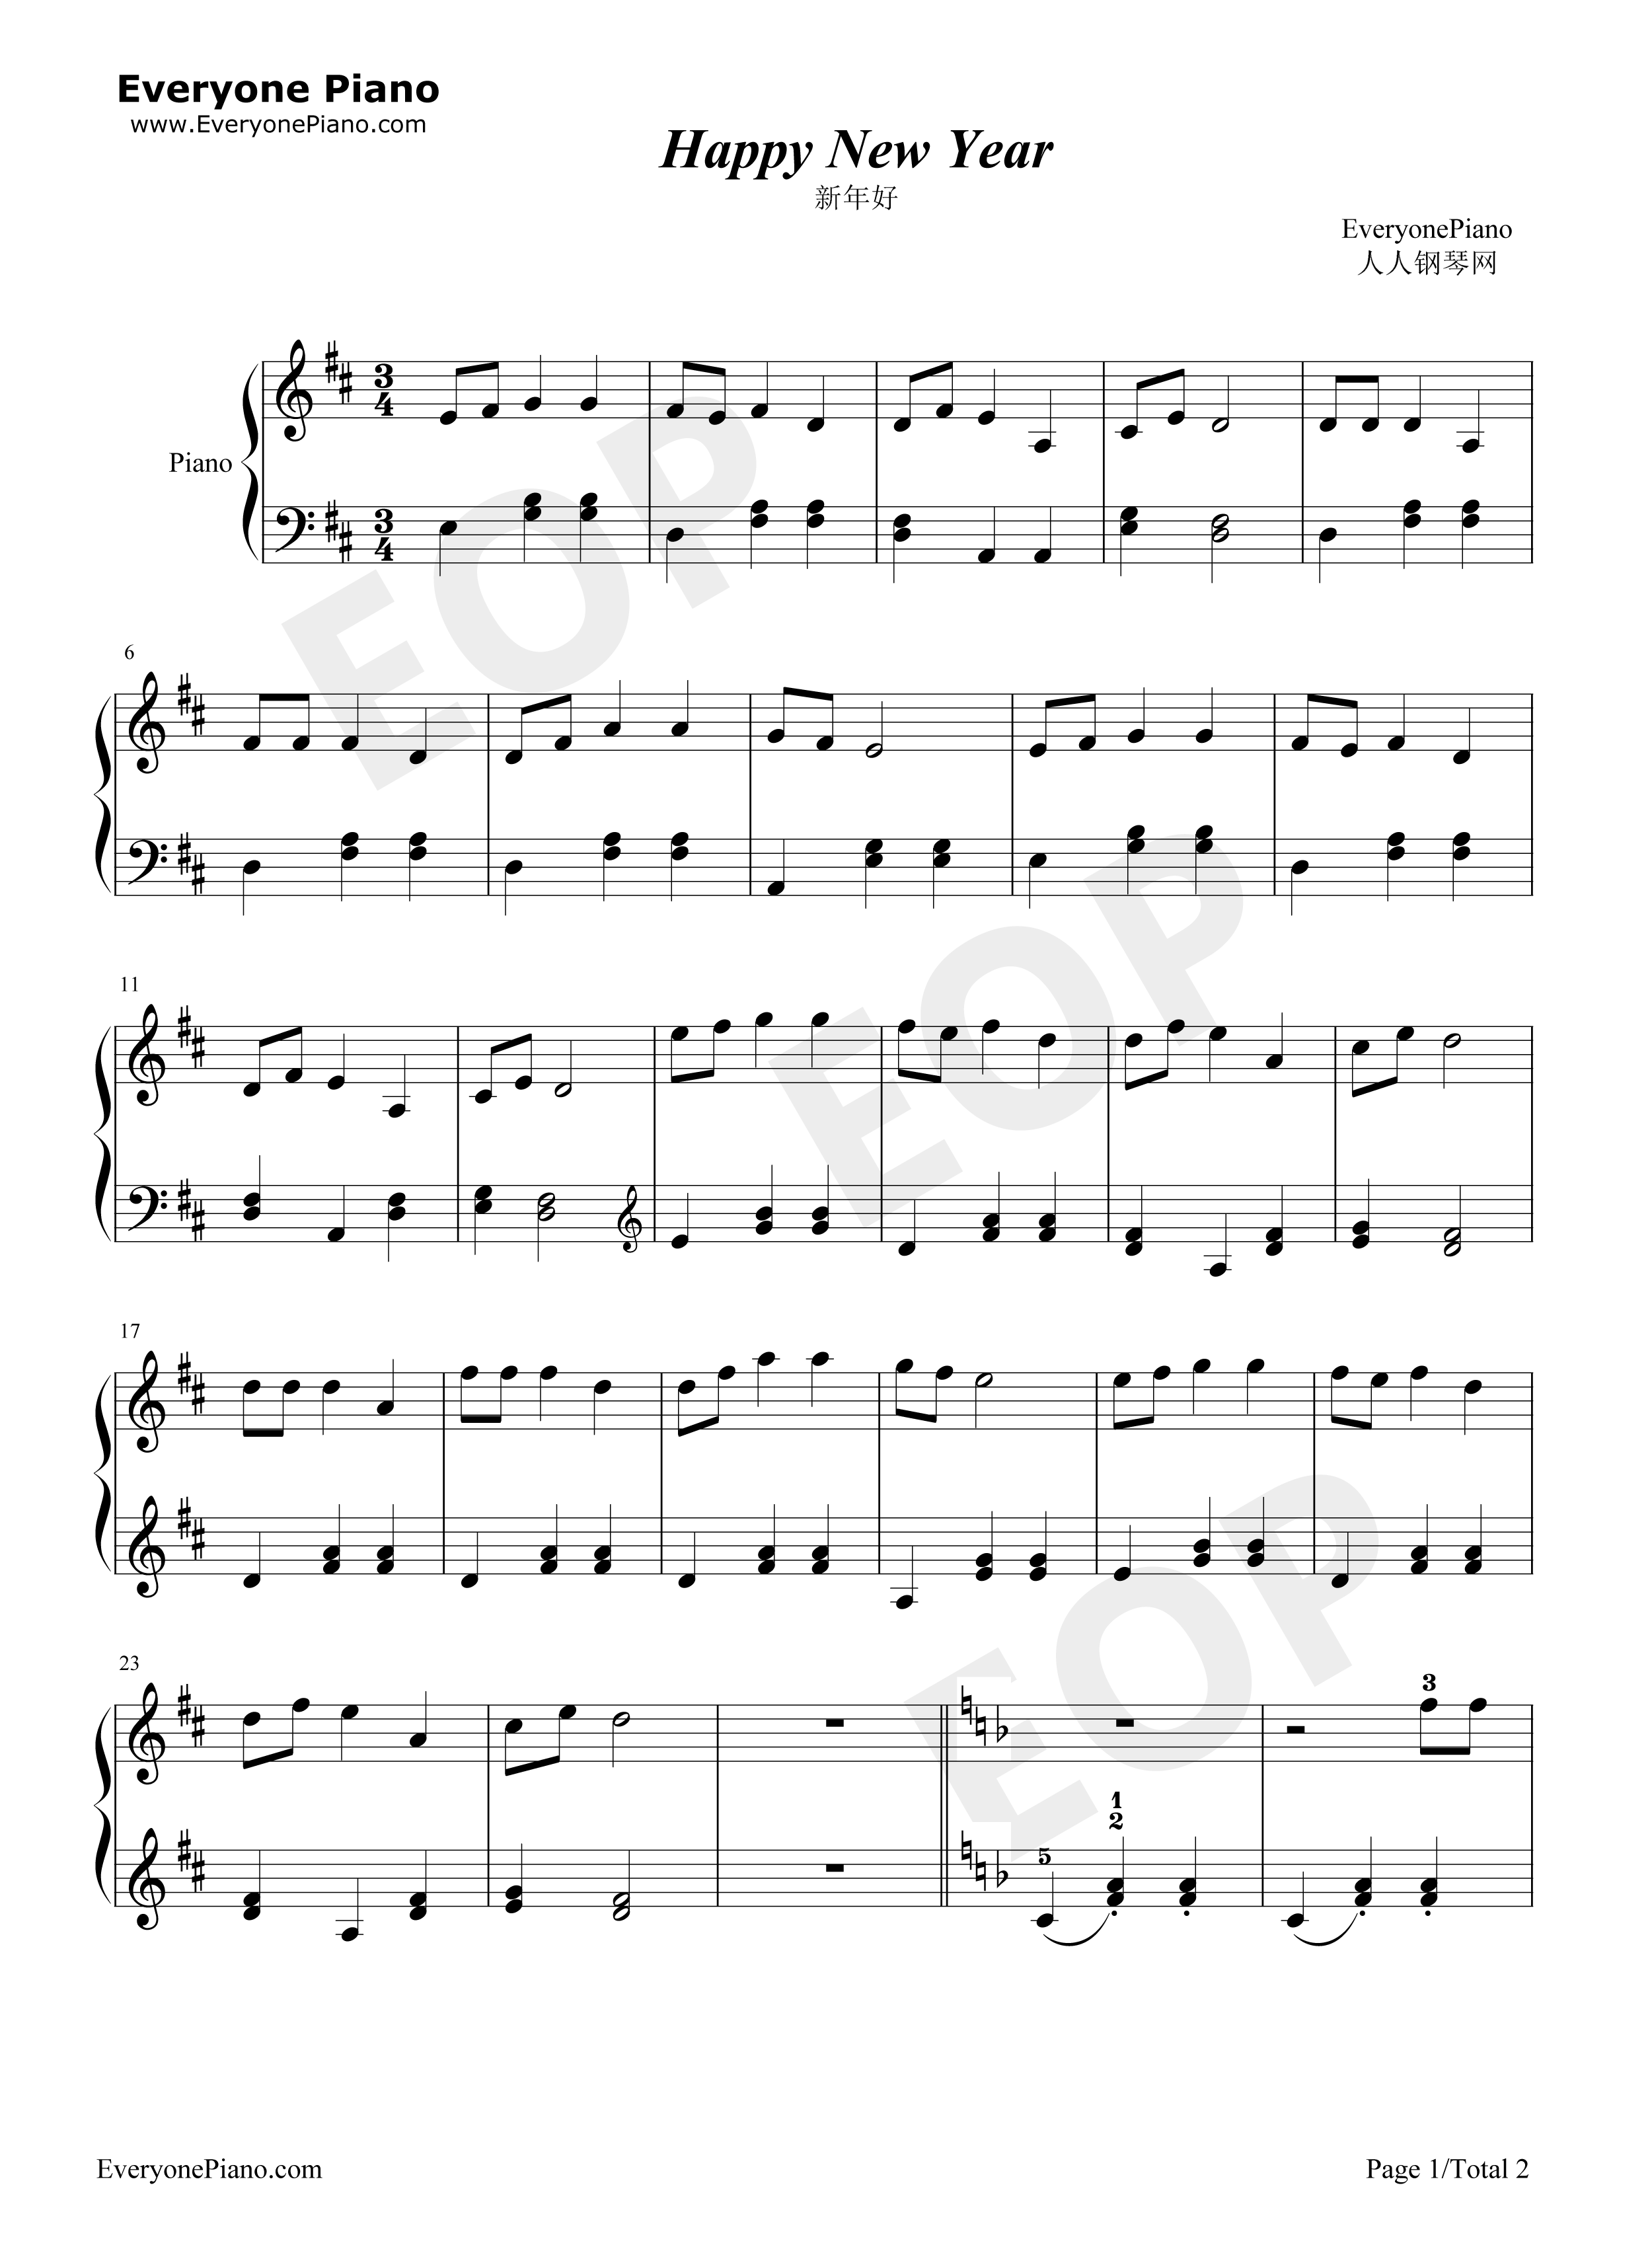 钢琴曲谱 经典 新年好-儿歌 新年好-儿歌五线谱预览1  }  仅供学习